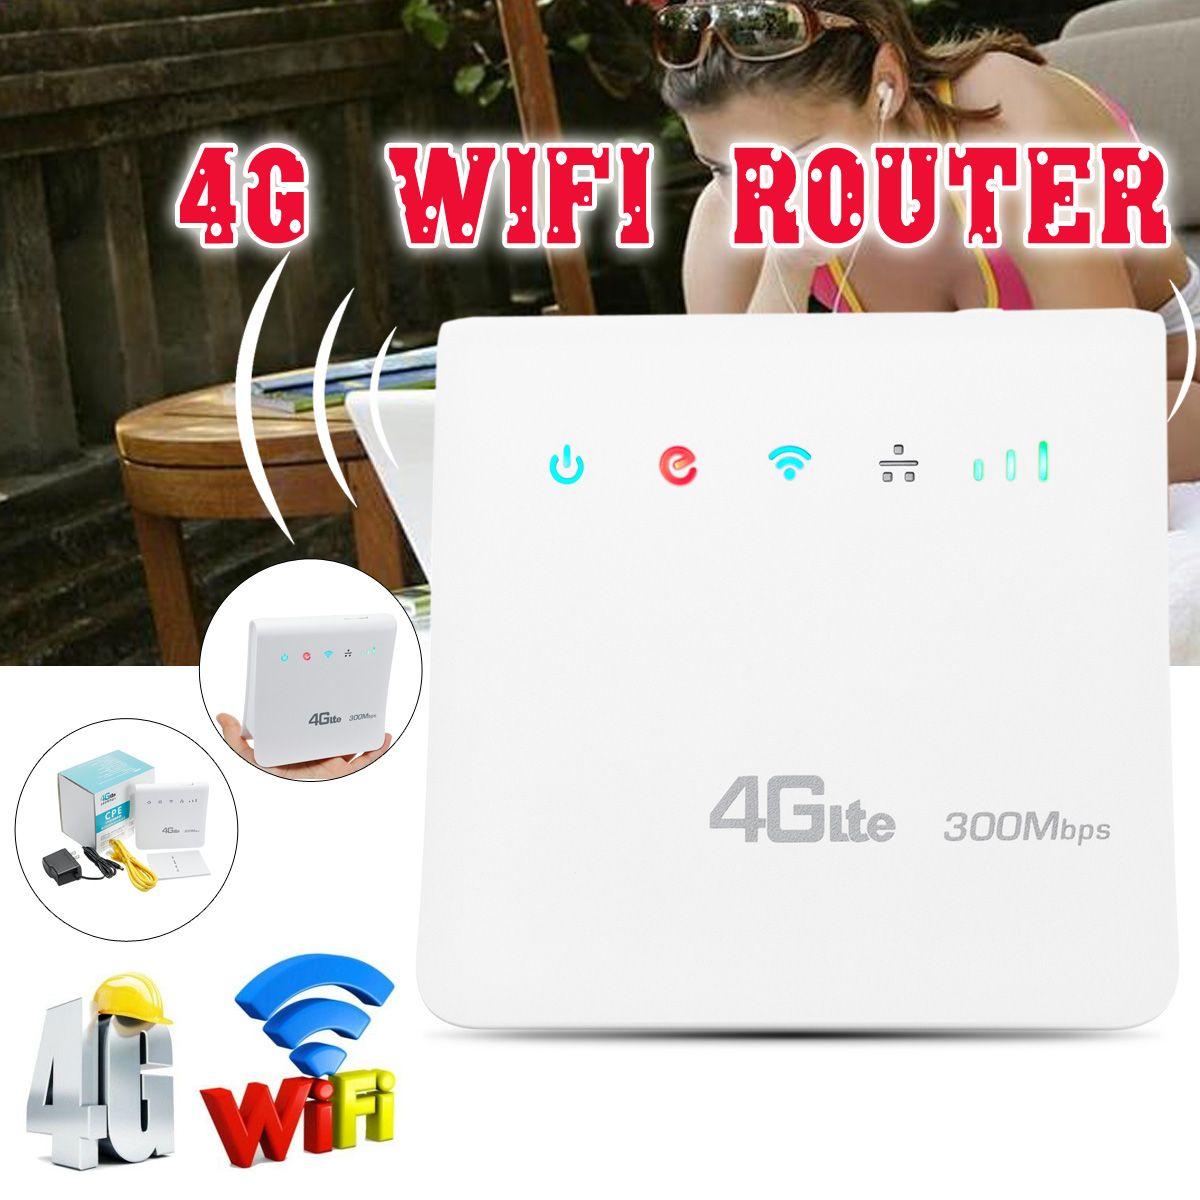 Routeur Wifi CPE LEORY 300 Mbps 4G A9SZ LTE avec prise en charge du Port LAN prise en charge de la carte SIM 3G Marvell 1802 + MTK7628 4G routeur WiFi